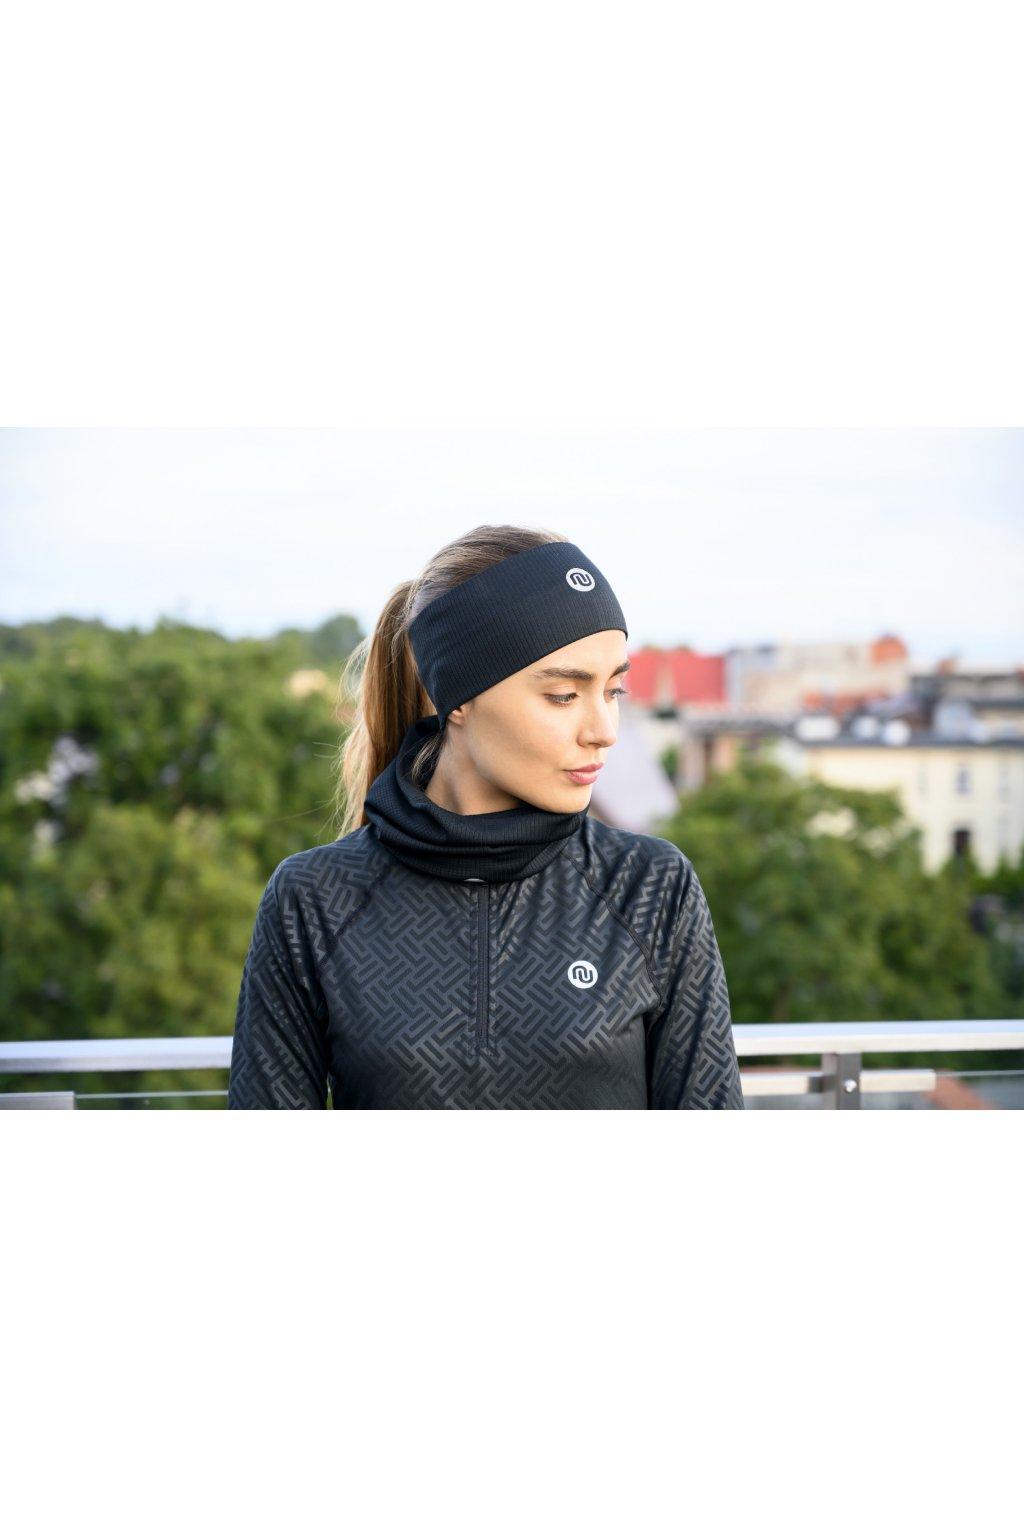 Sportovní Termoaktivní nákrčnik AB2-90 - Black